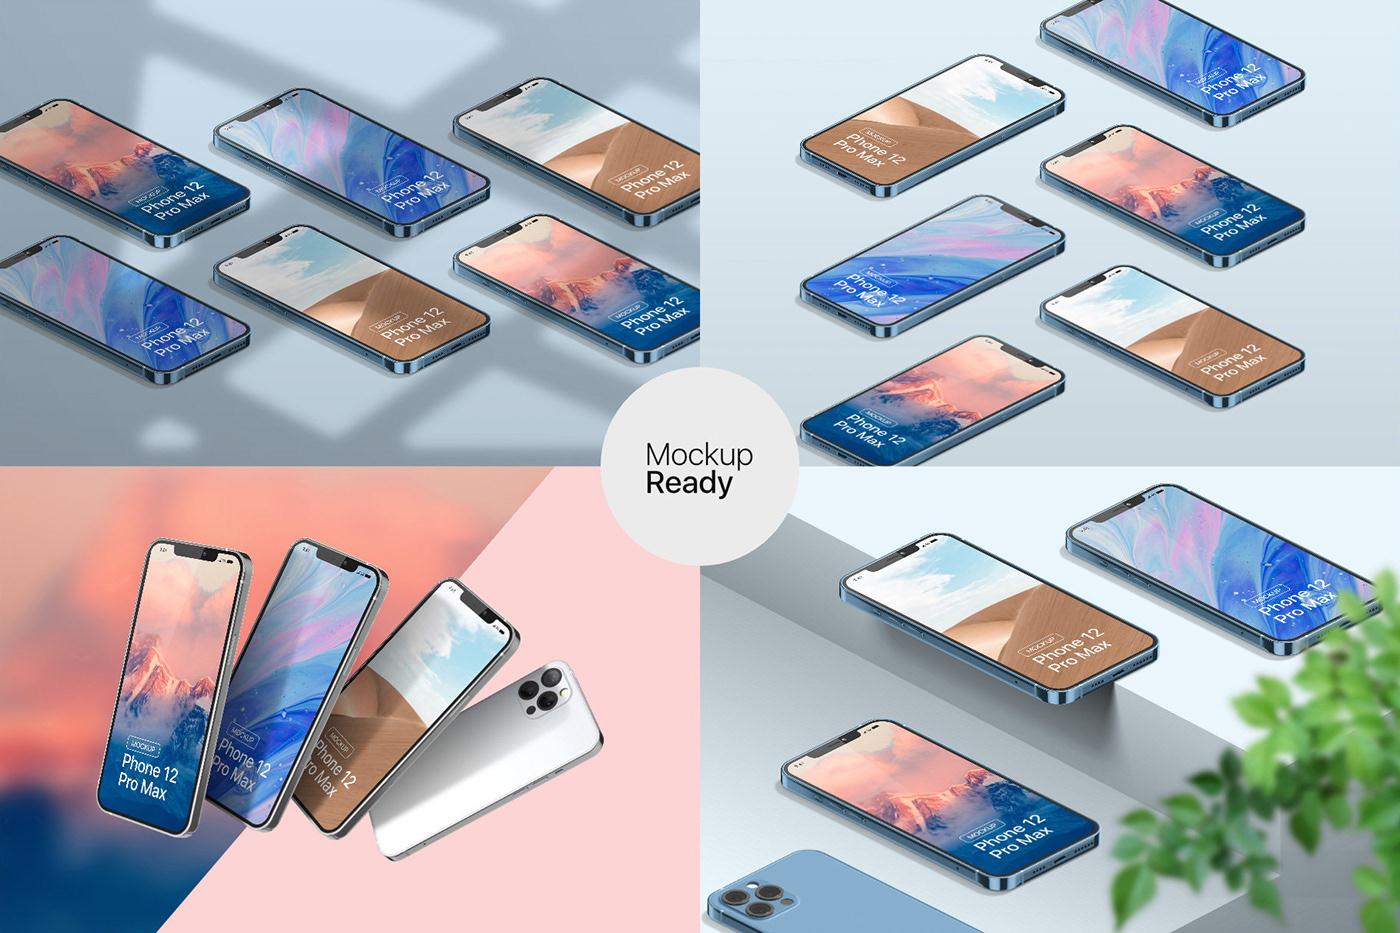 20款时尚苹果iPhone 12 Pro手机APP应用设计屏幕演示样机模板 iPhone 12 Pro Max Mockup插图5